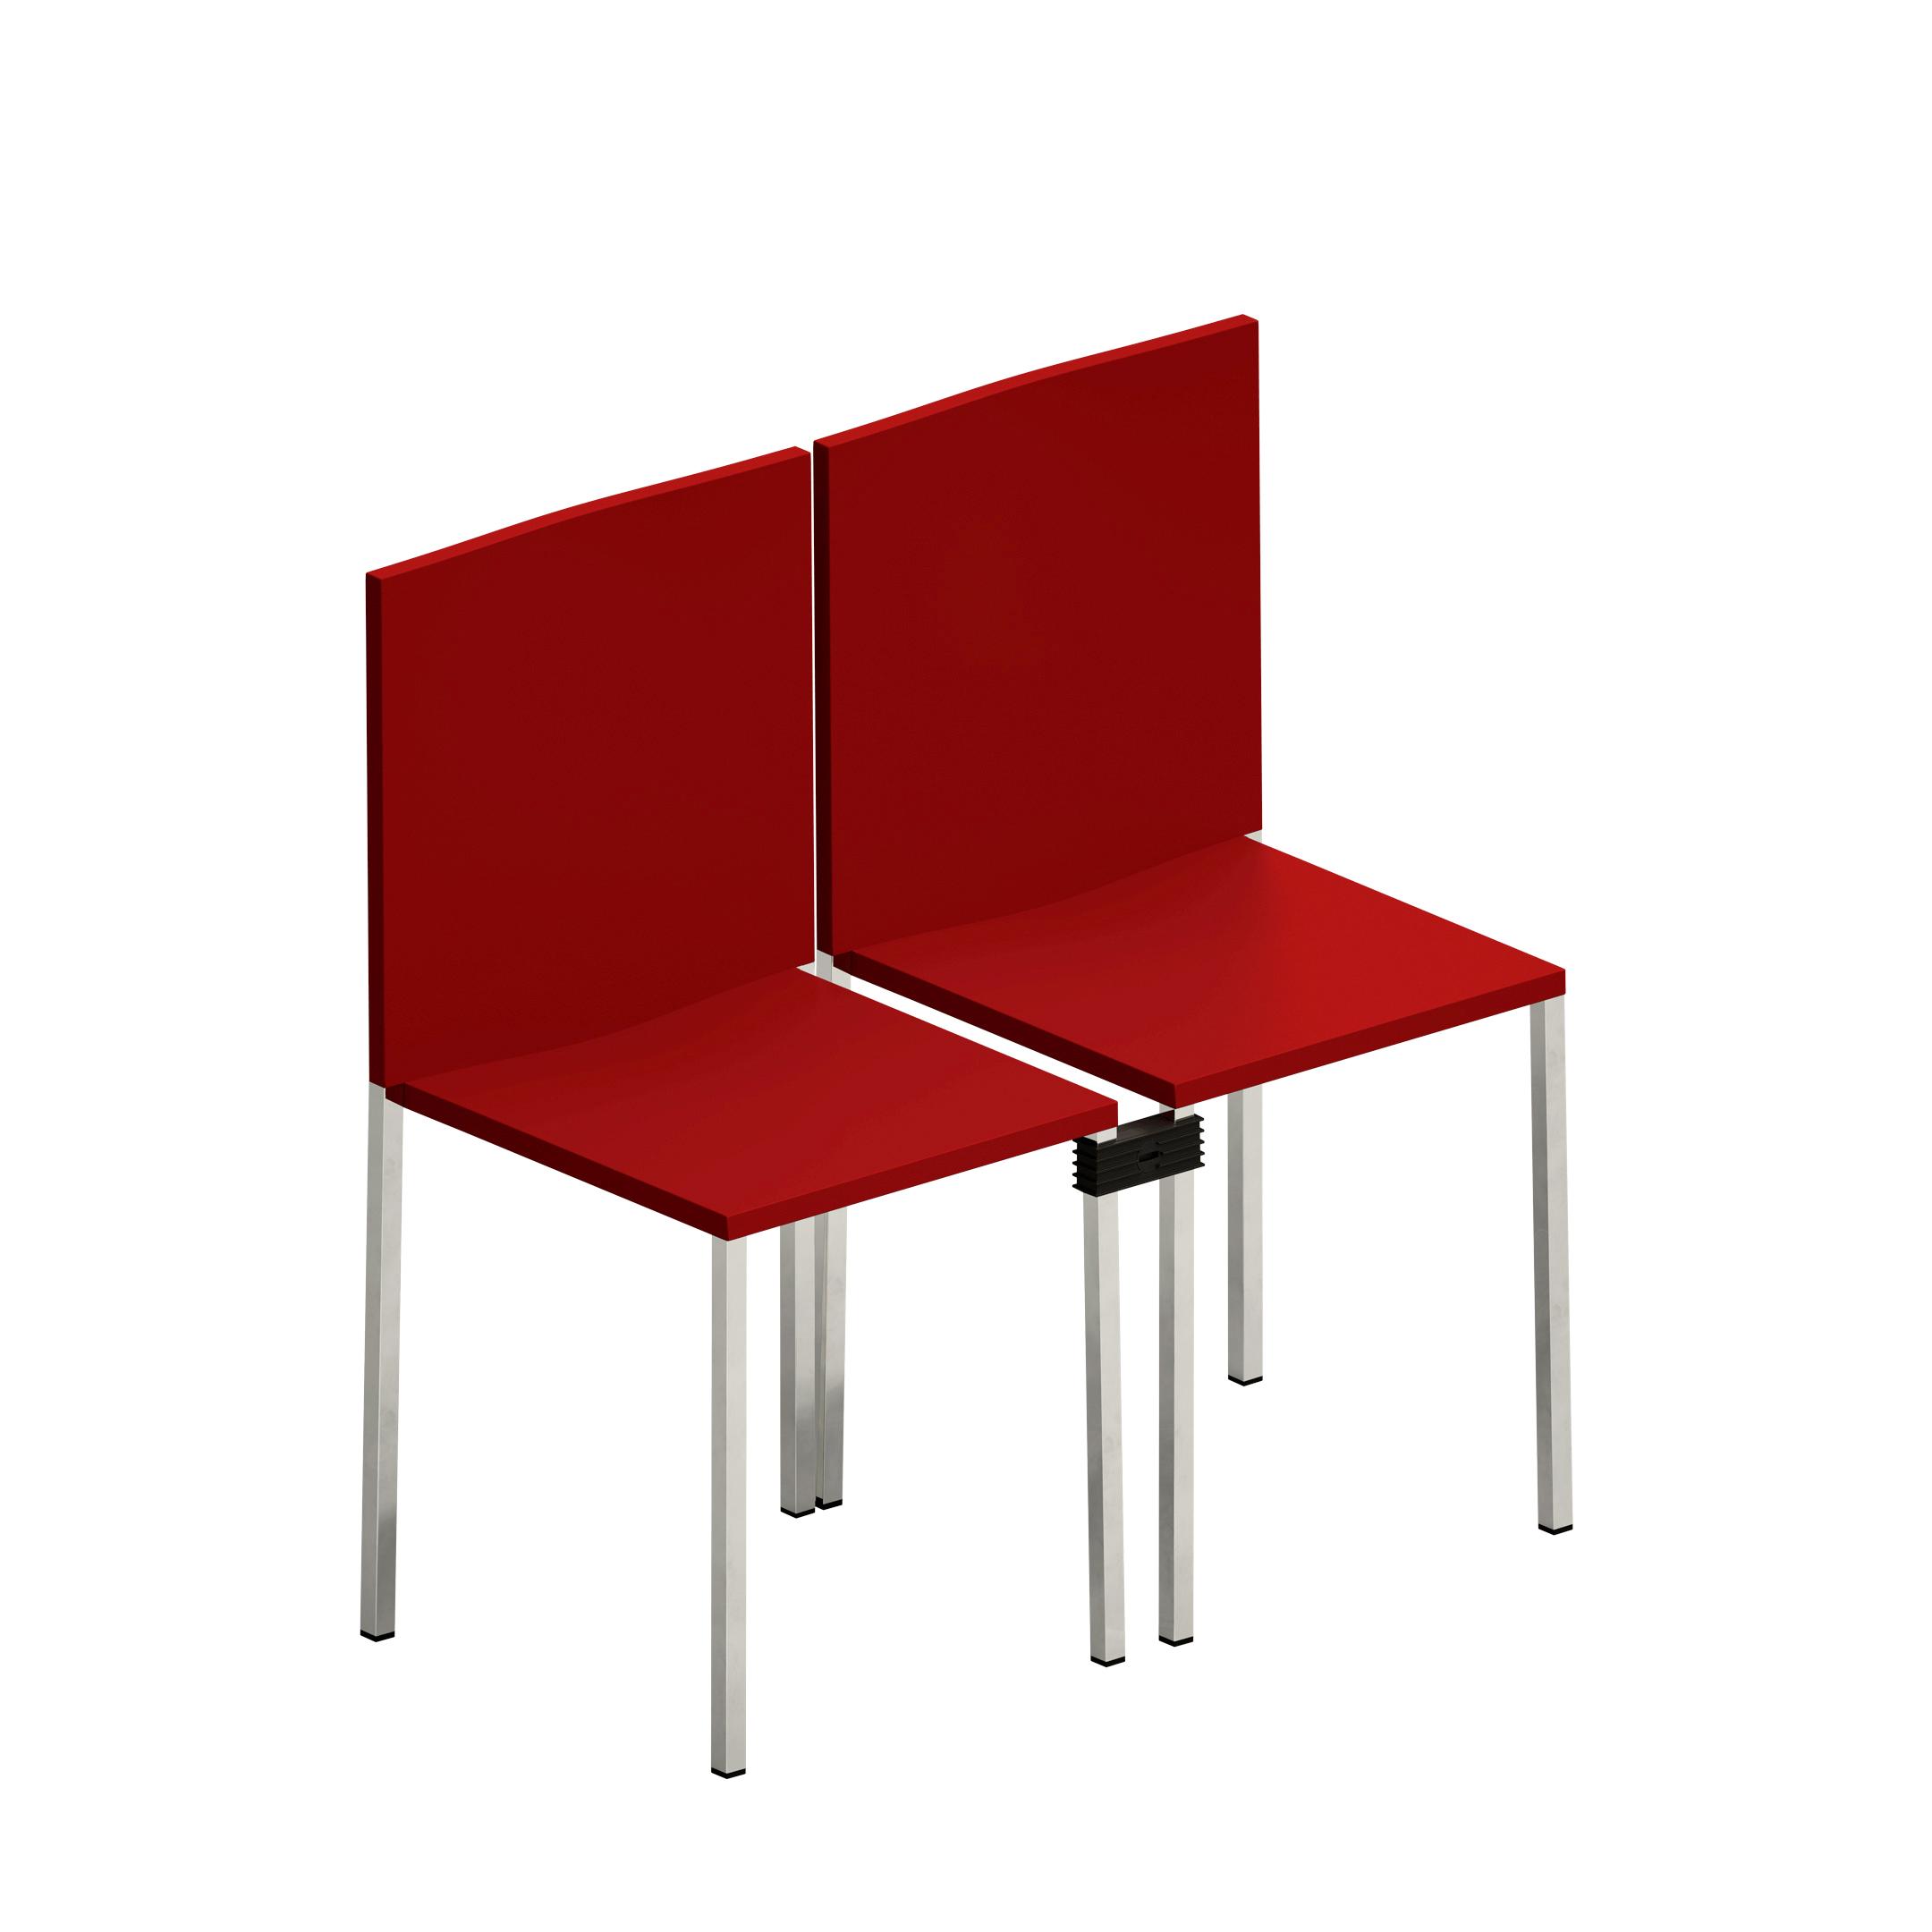 教育/培训家具|阶梯教室|创意家具|现代家居|时尚家具|设计师家具|定制家具|实木家具|跑步者